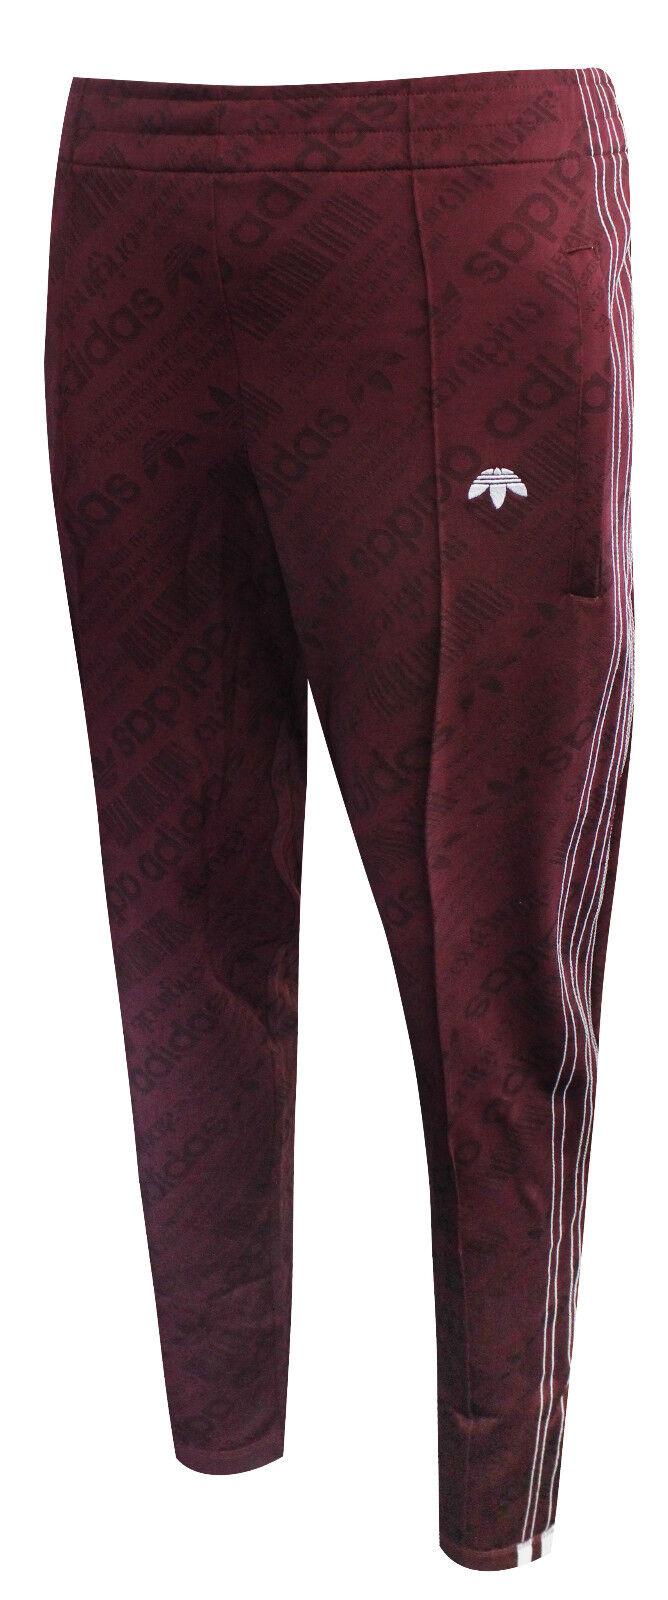 ba3e58205251 Adidas Originals Alexander Wang Mens Womens Sweatpants Joggers ...